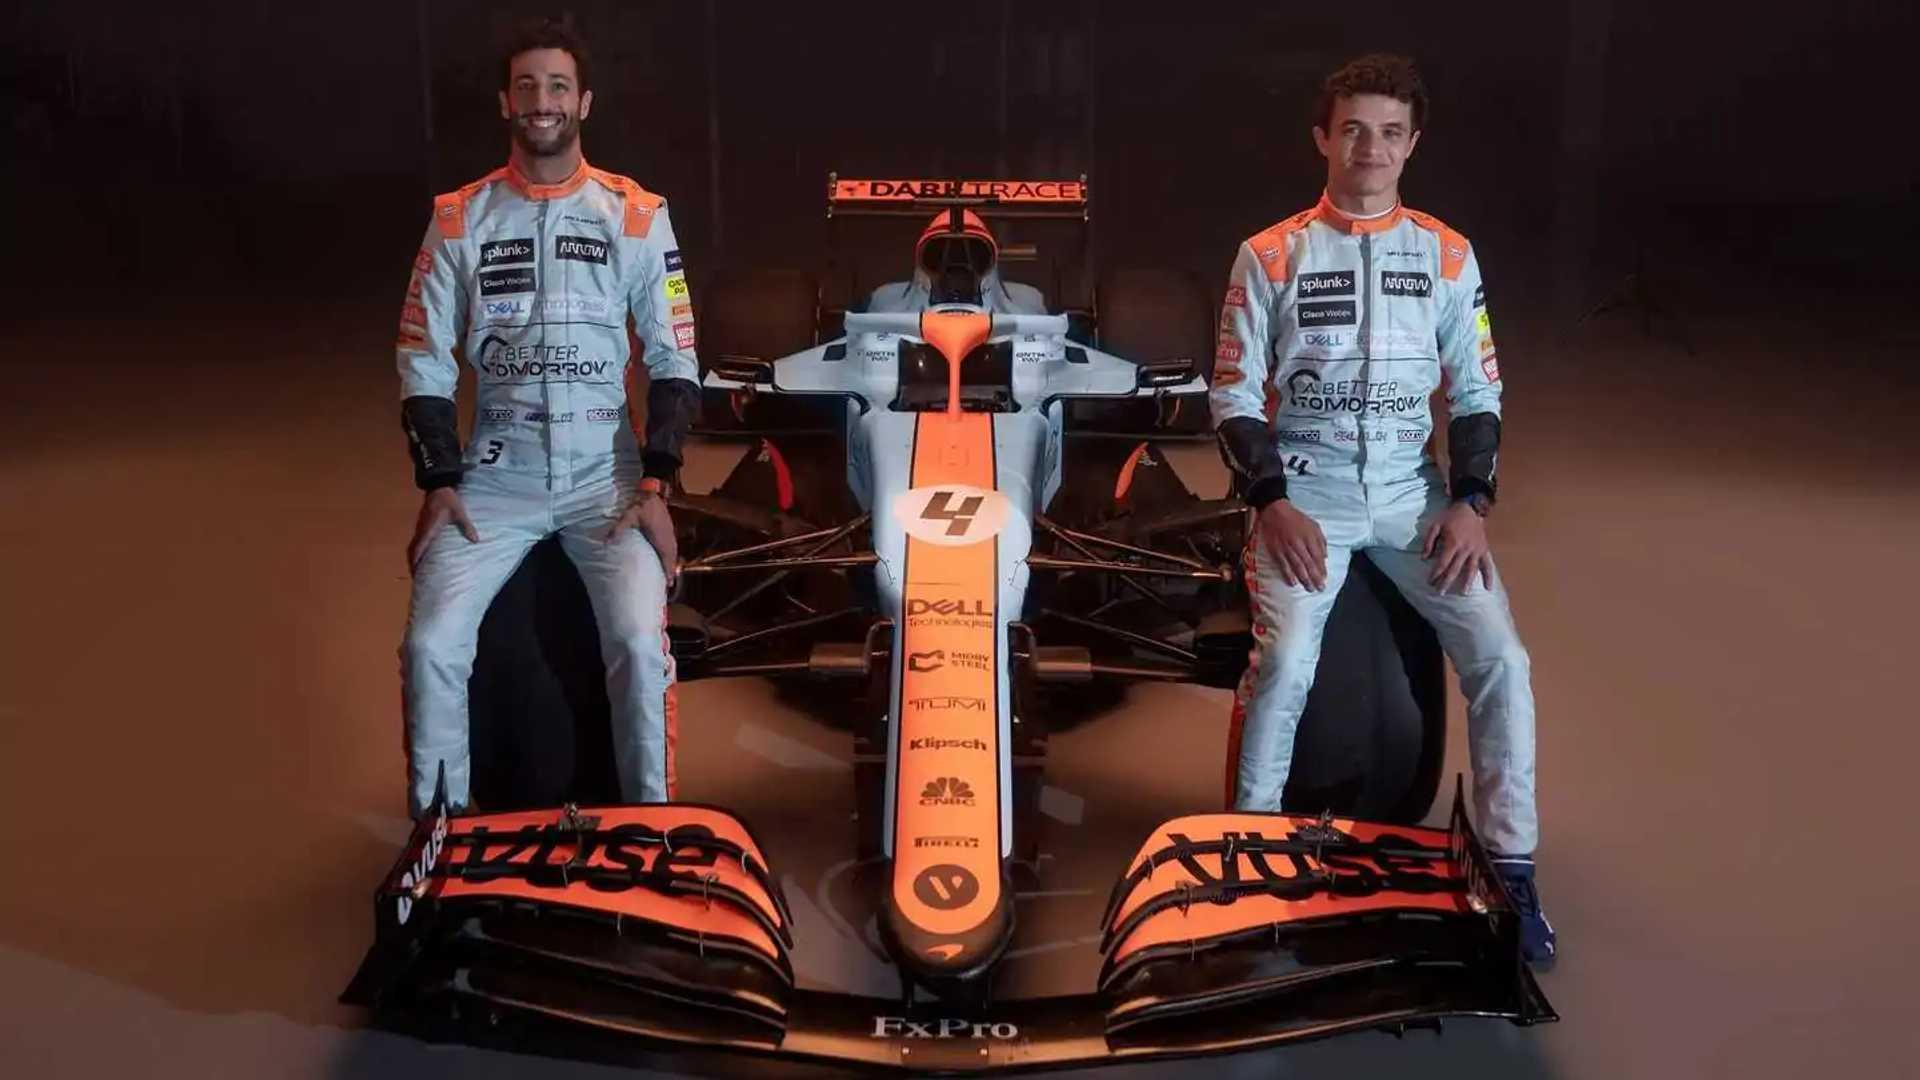 wallpapers Mclaren F1 Monaco Livery Wallpaper 4K motor1 com uk